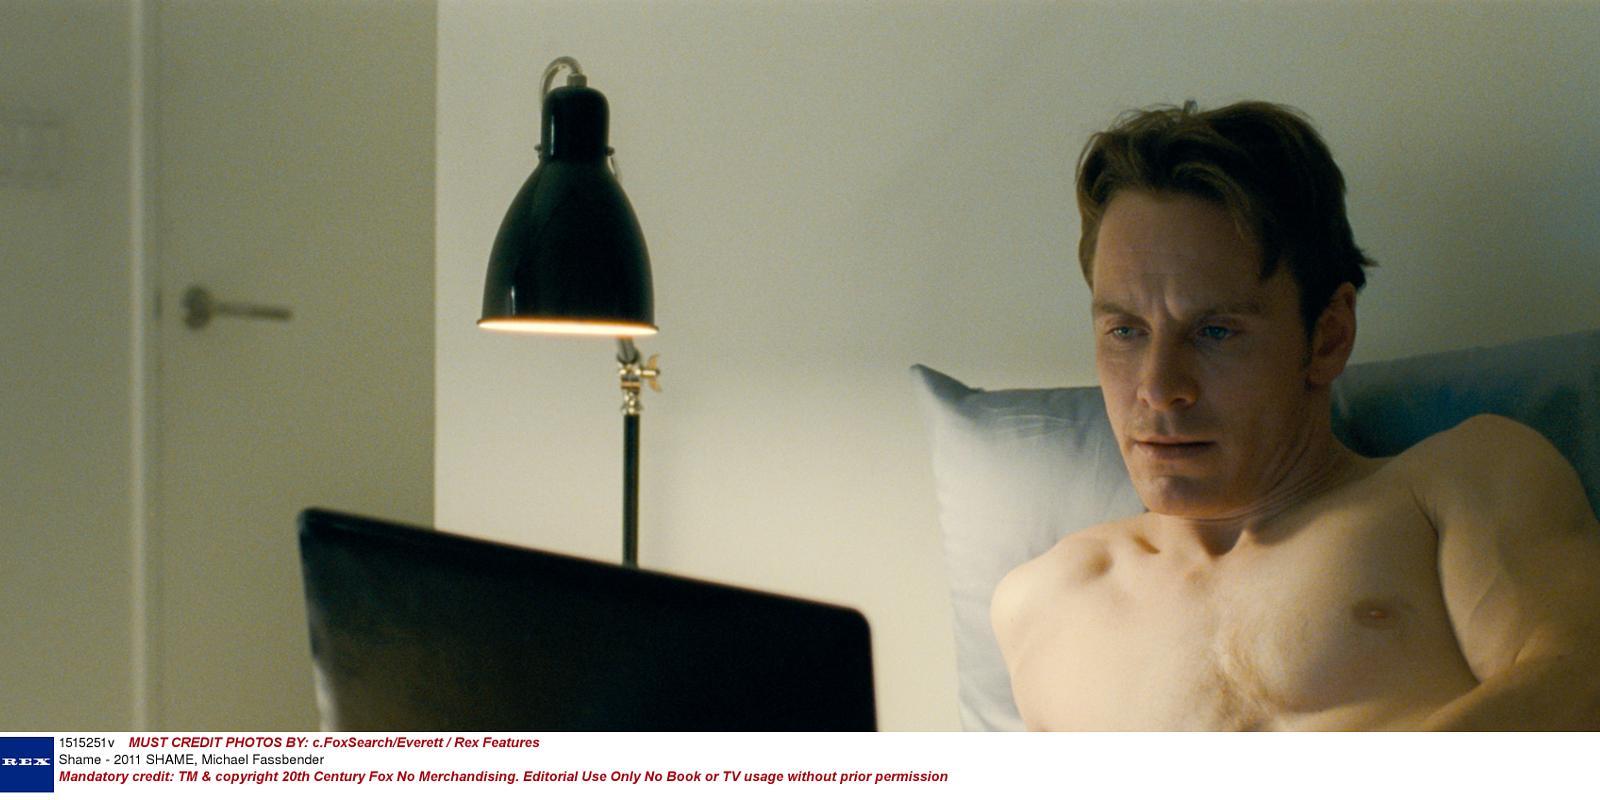 Michael fassbender nude scene